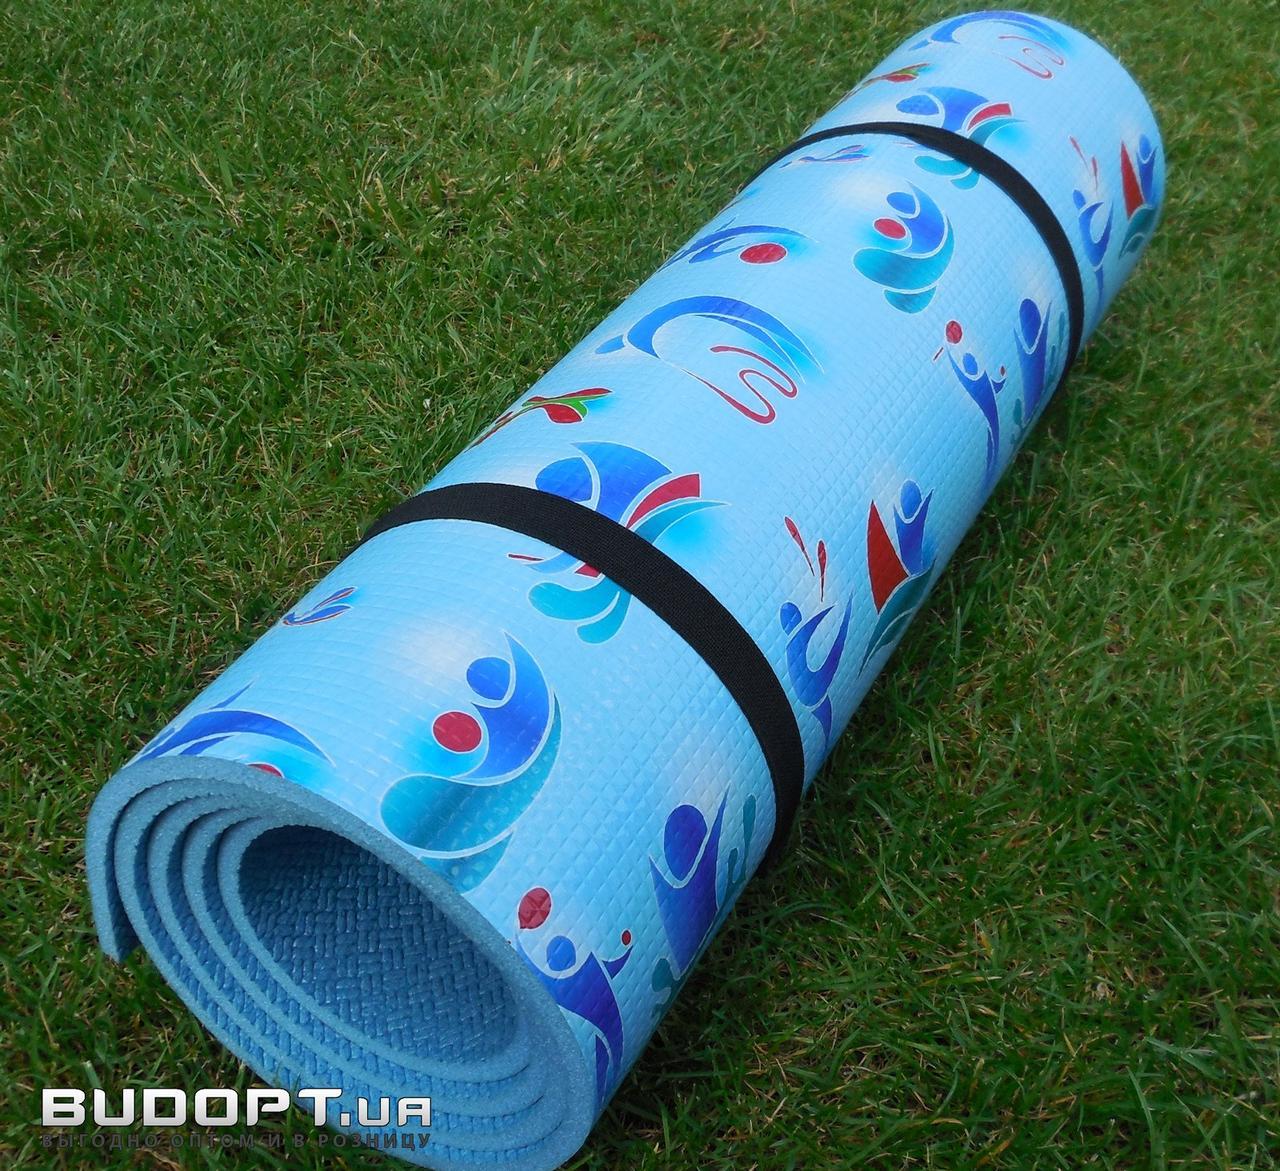 Коврик (каремат) для детей Decor Олимпик - OSPORT.UA - интернет магазин спортивных товаров в Киеве